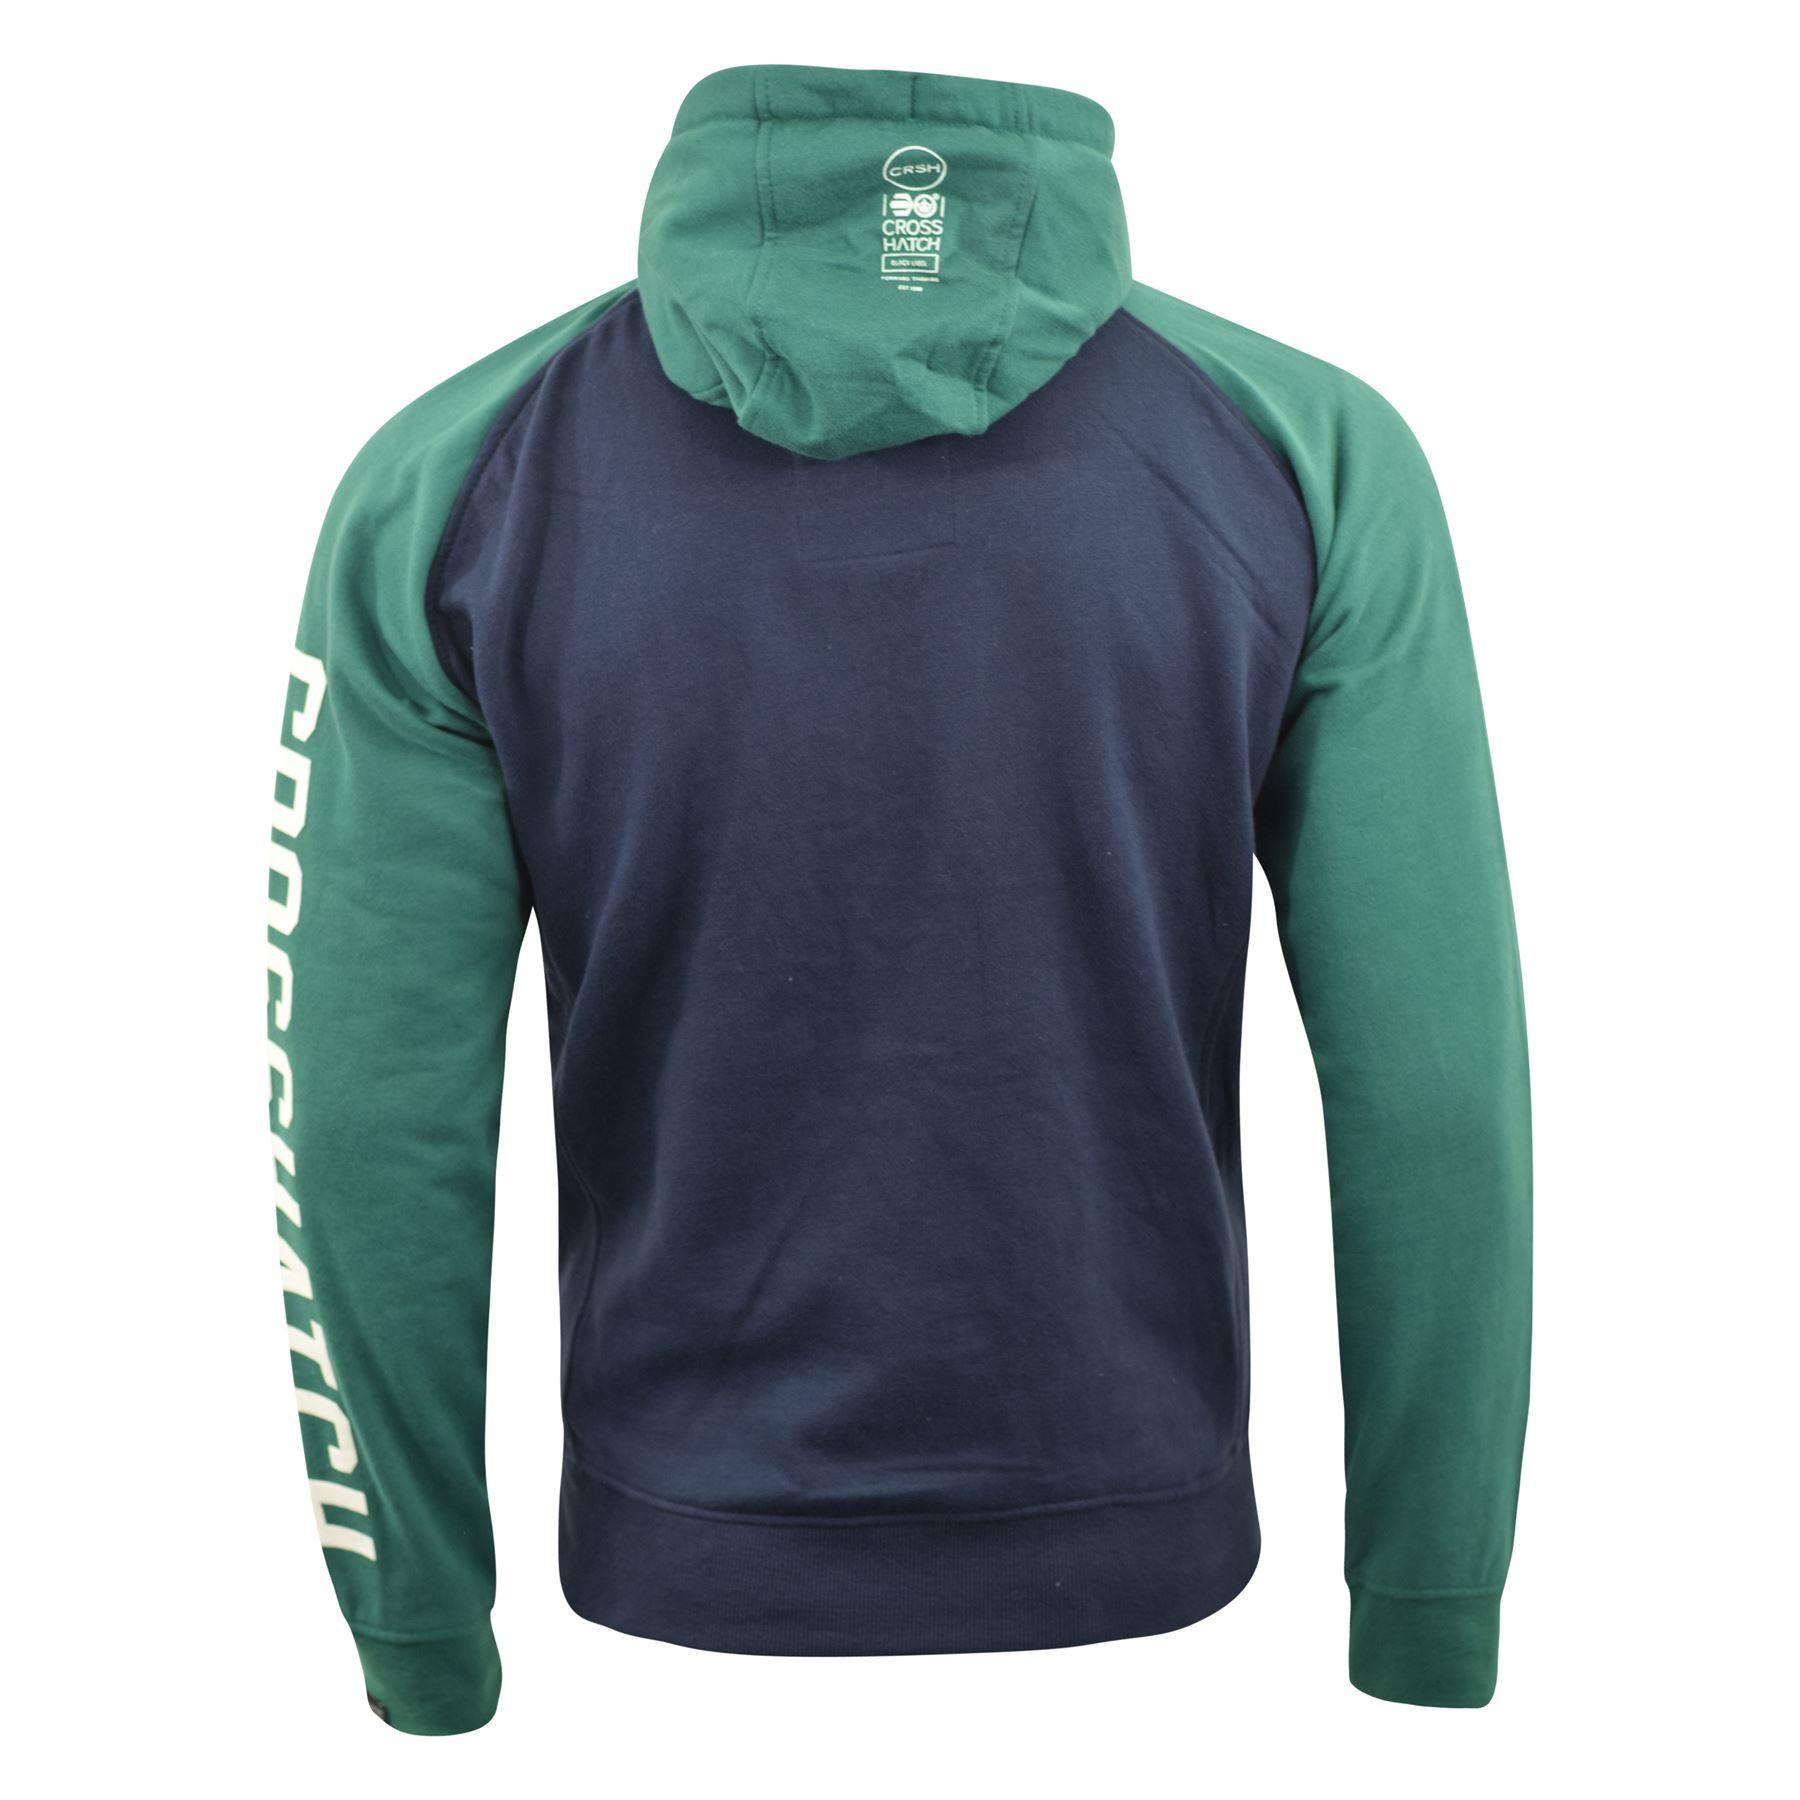 Mens-Hoodie-Crosshatch-Sweatshirt-Hooded-Jumper-Top-Pullover-TEMPTONS thumbnail 4